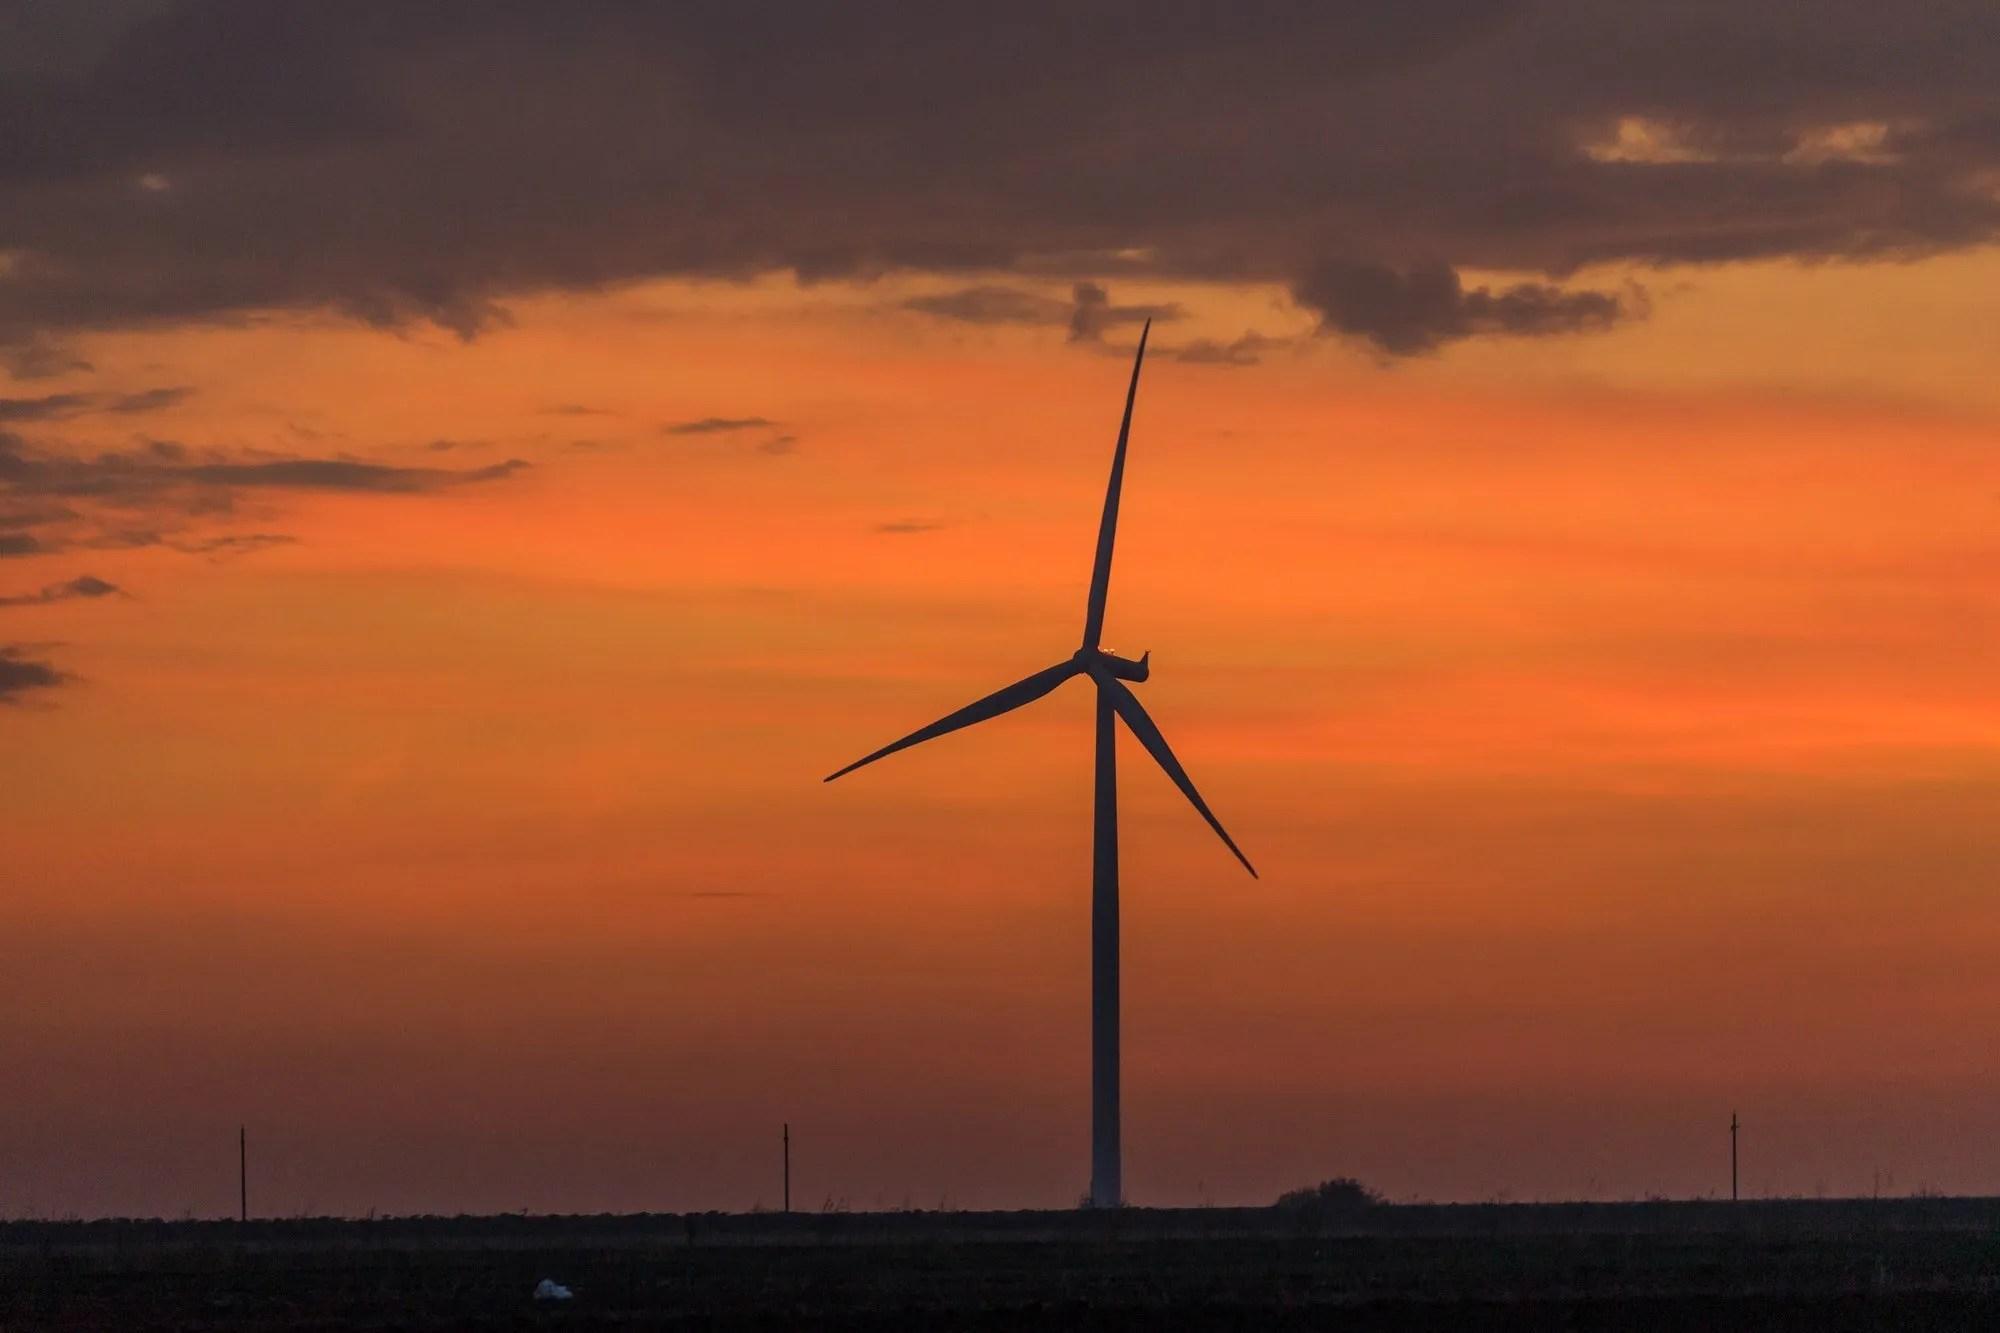 Wind Energy. Industry, Renewable